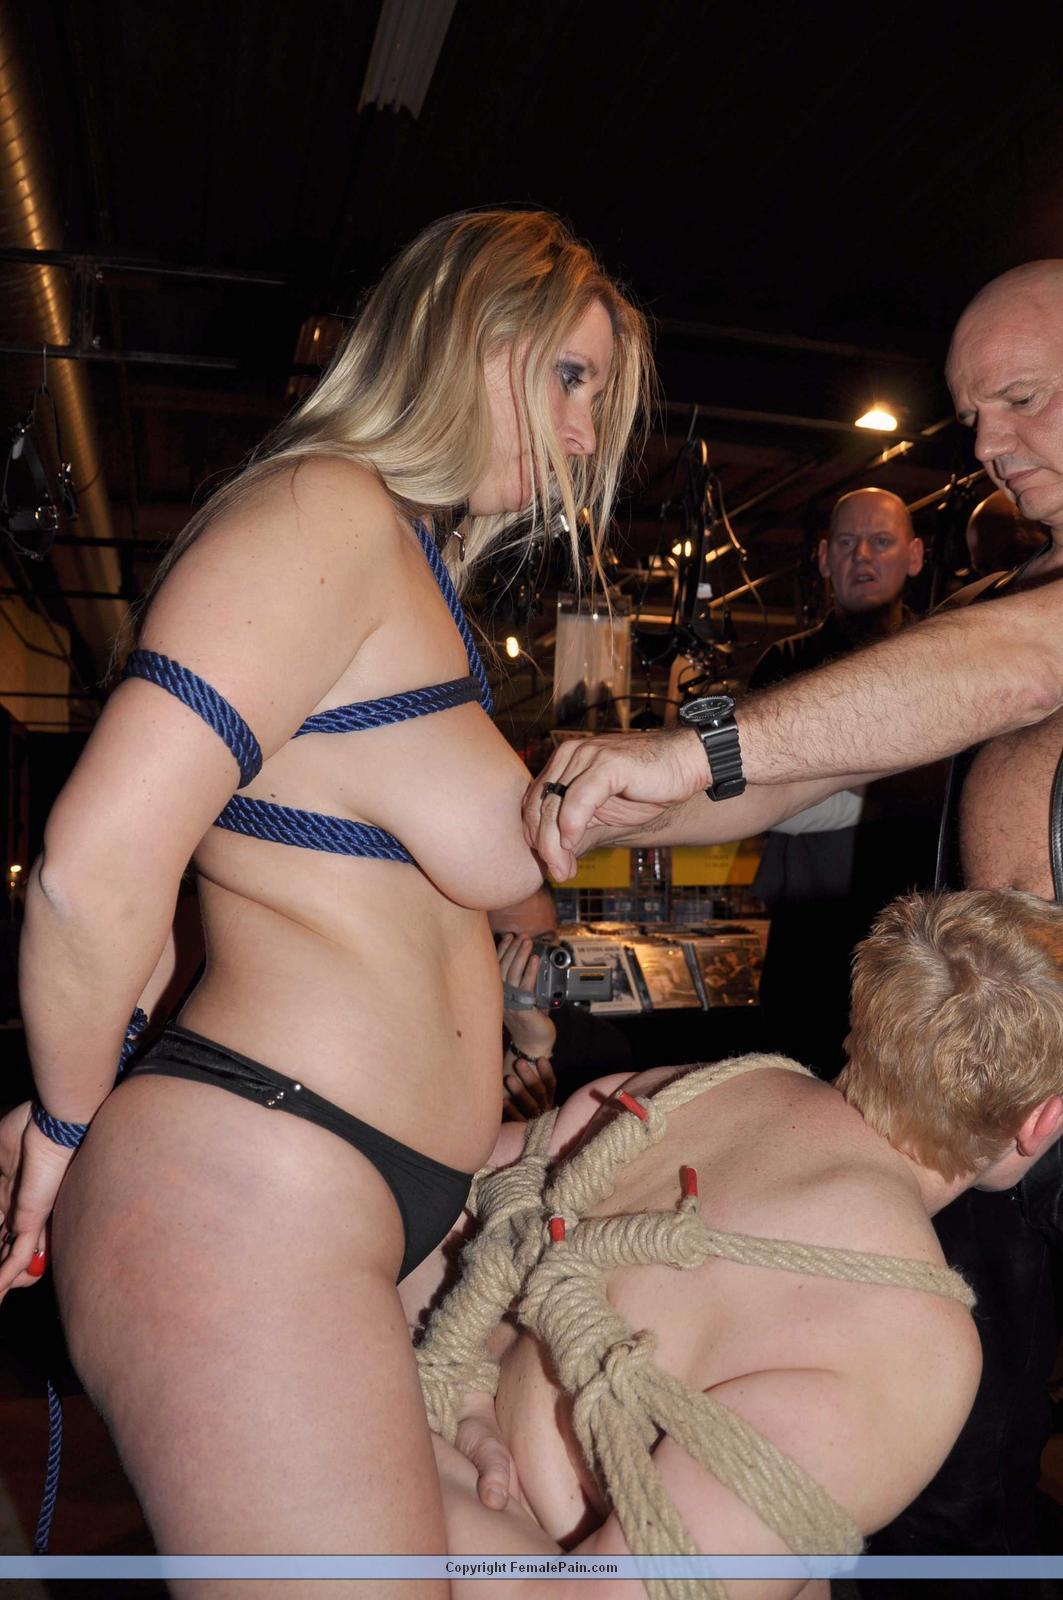 Amateur public bondage